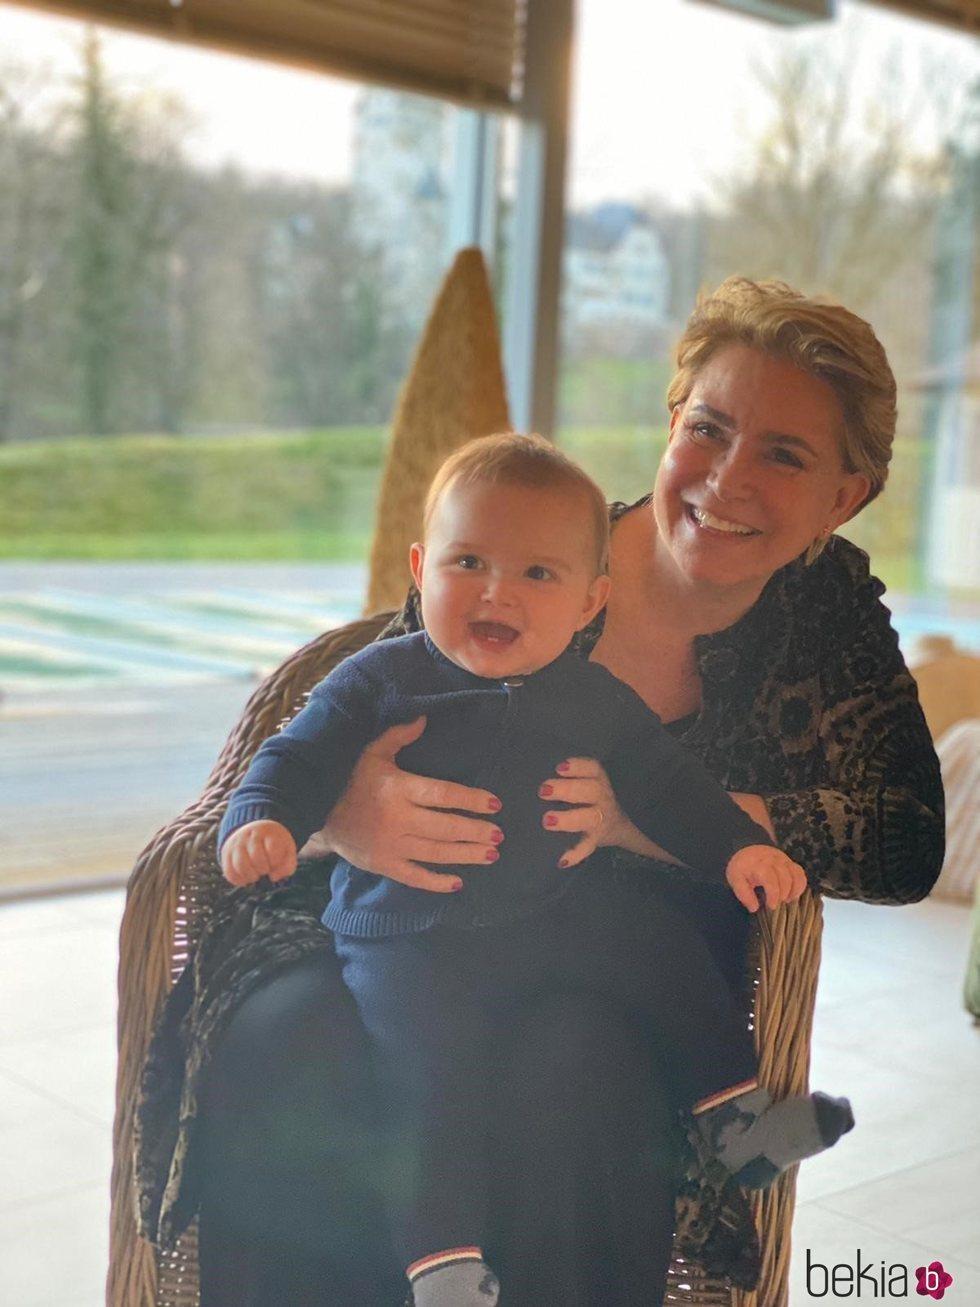 María Teresa de Luxemburgo con su nieto Charles en brazos